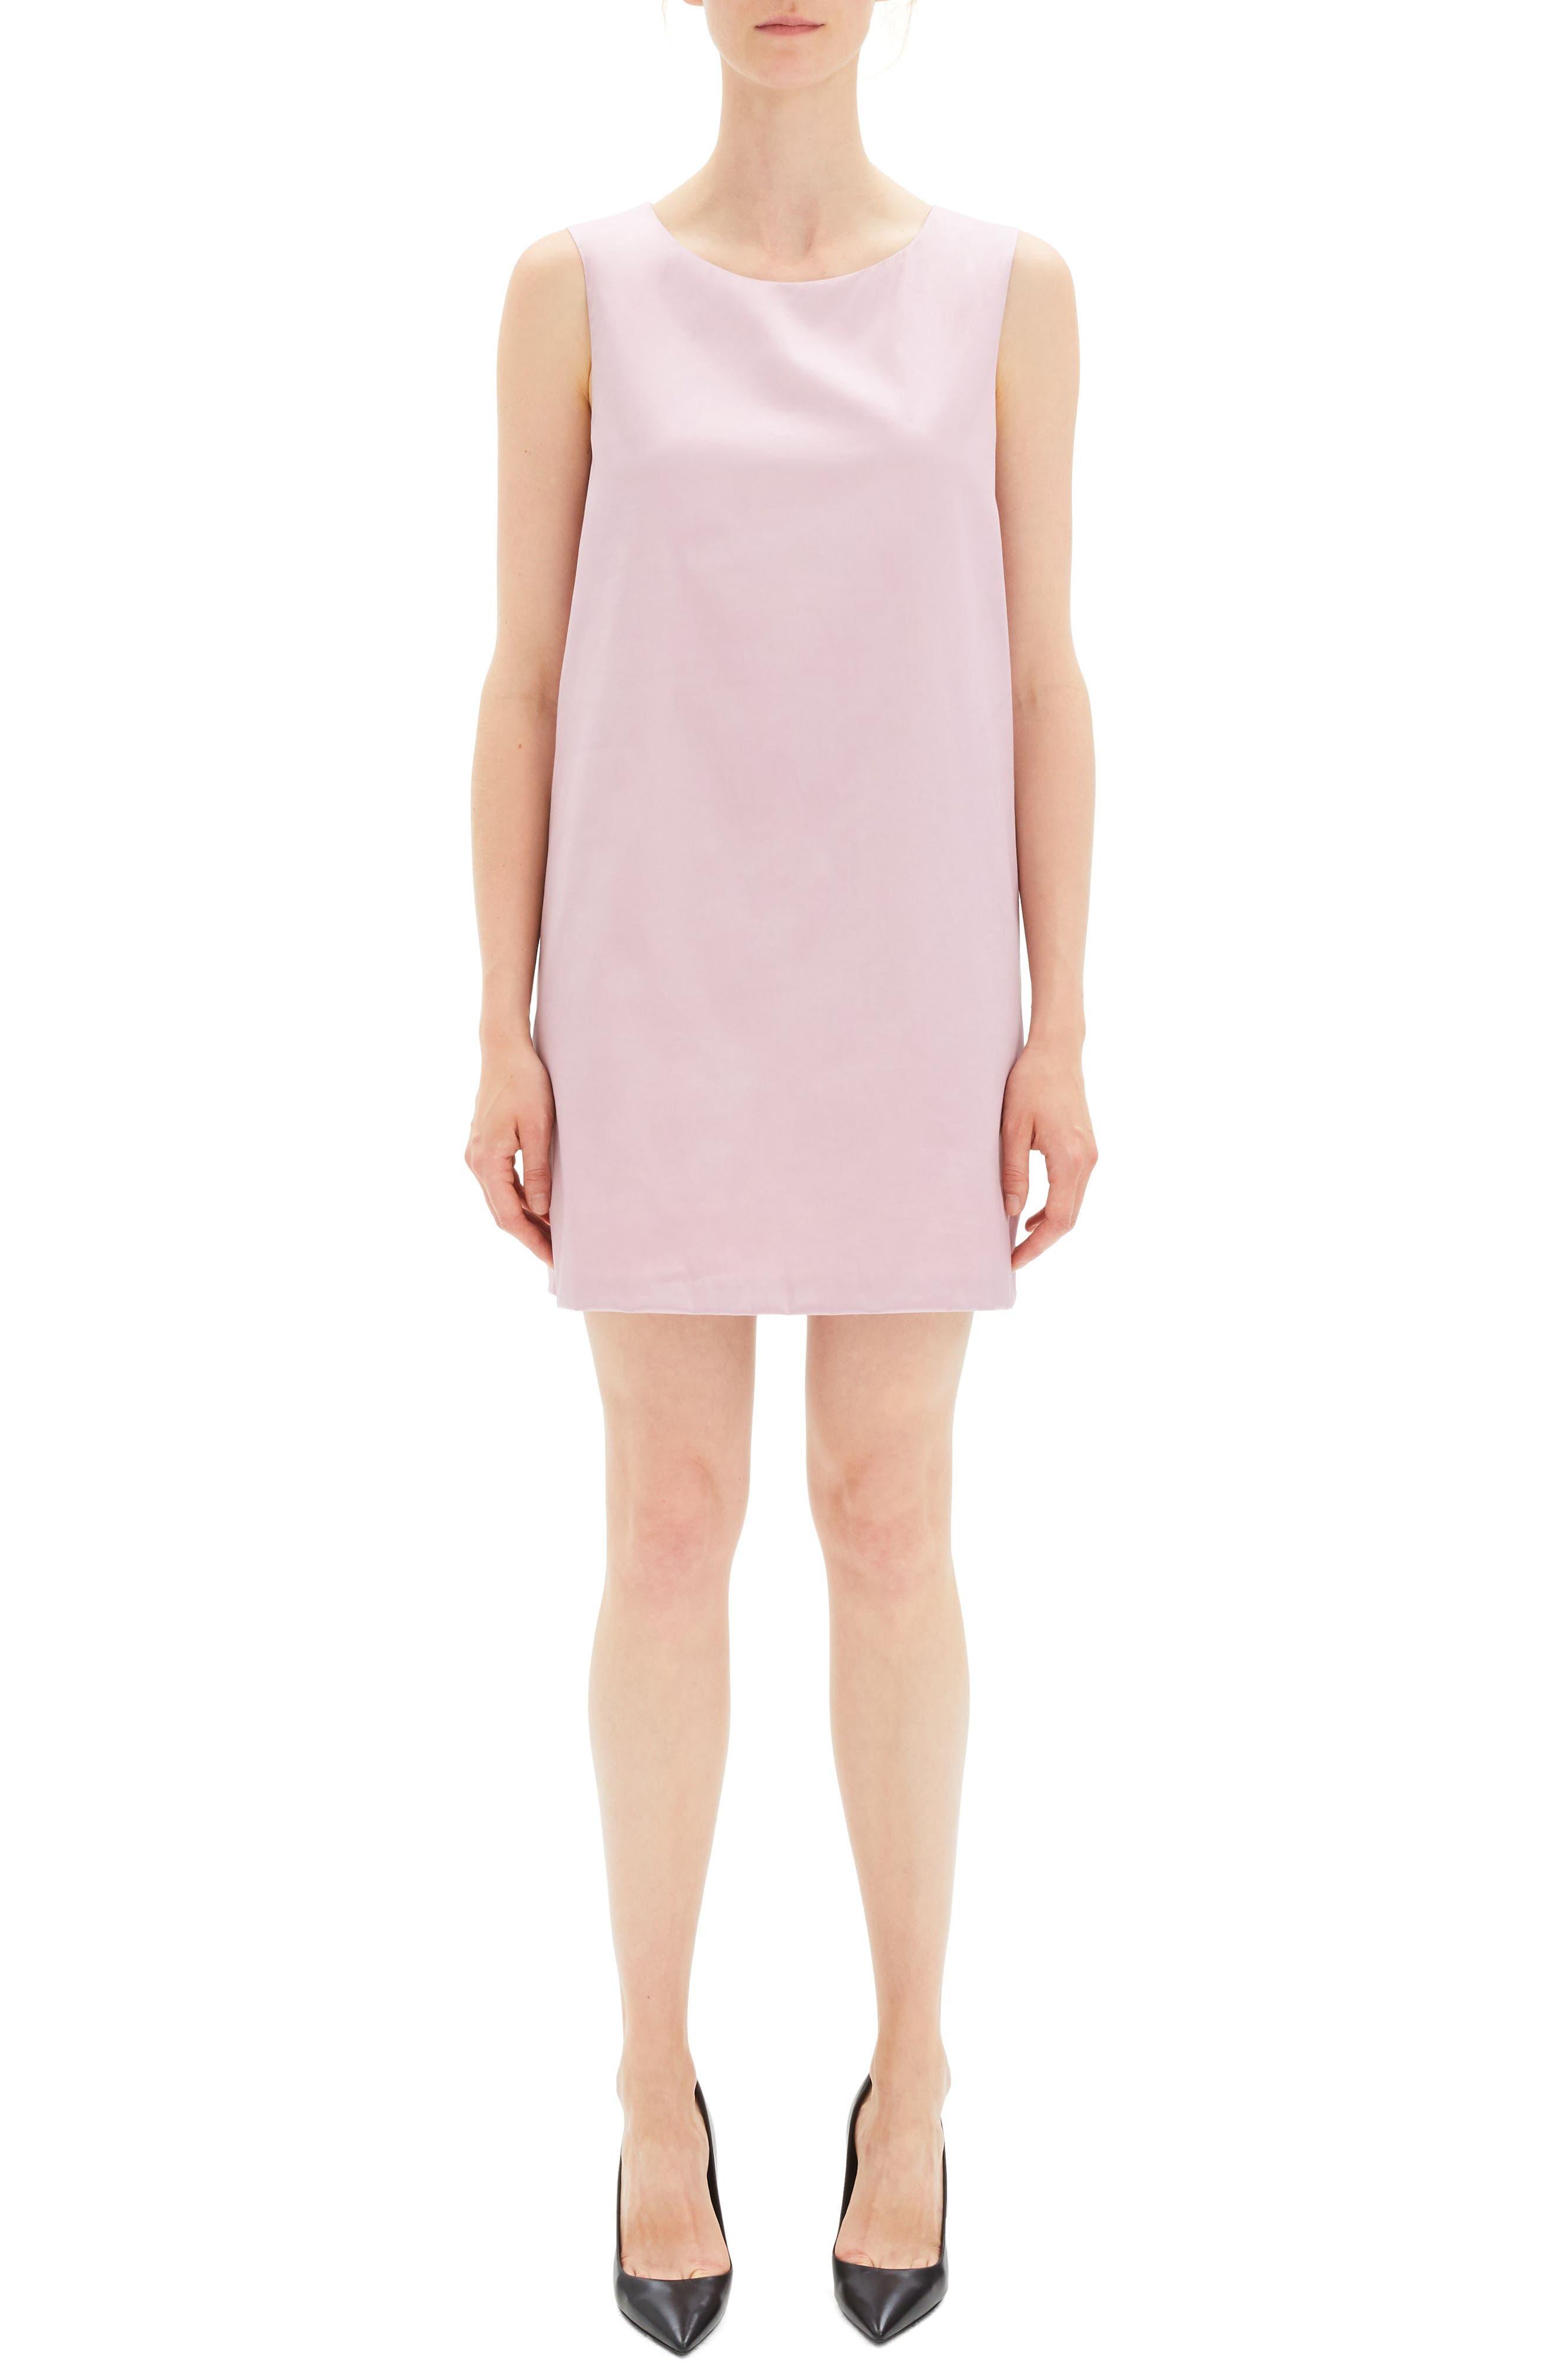 Theory Easy Sleeveless Shift Dress, Size Petite - Pink